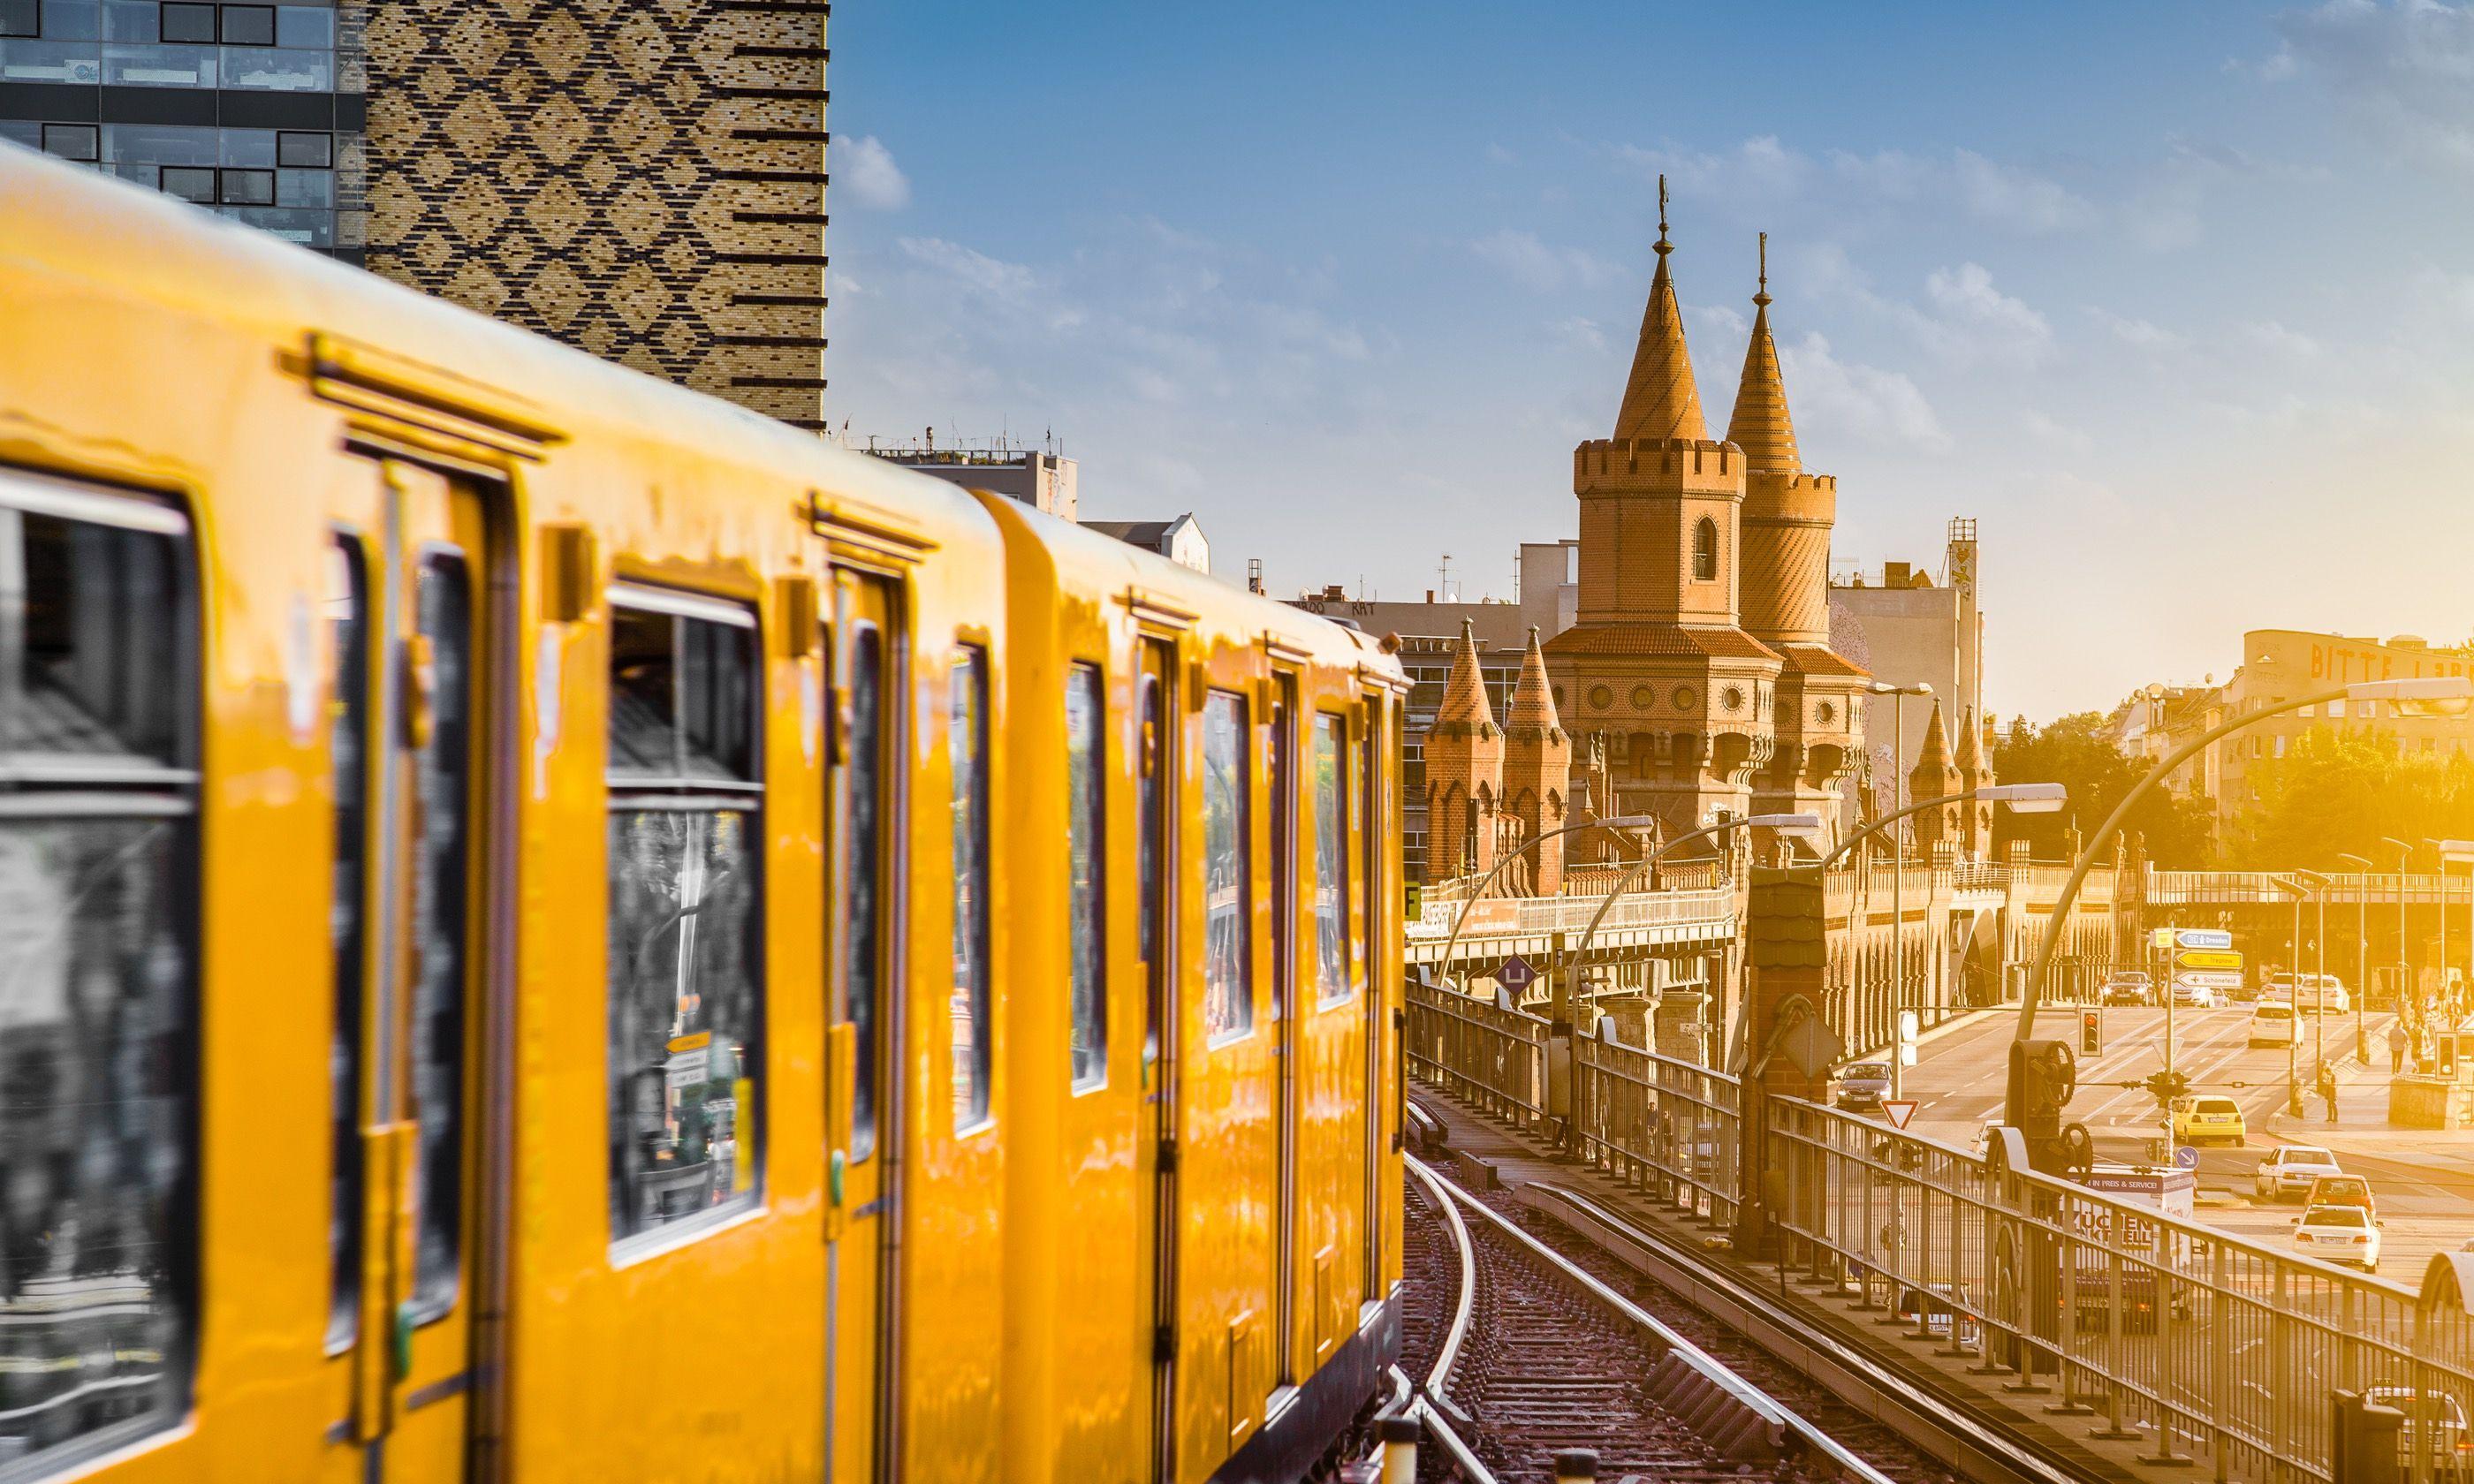 U-Bahn in Berlin (Shutterstock.com)